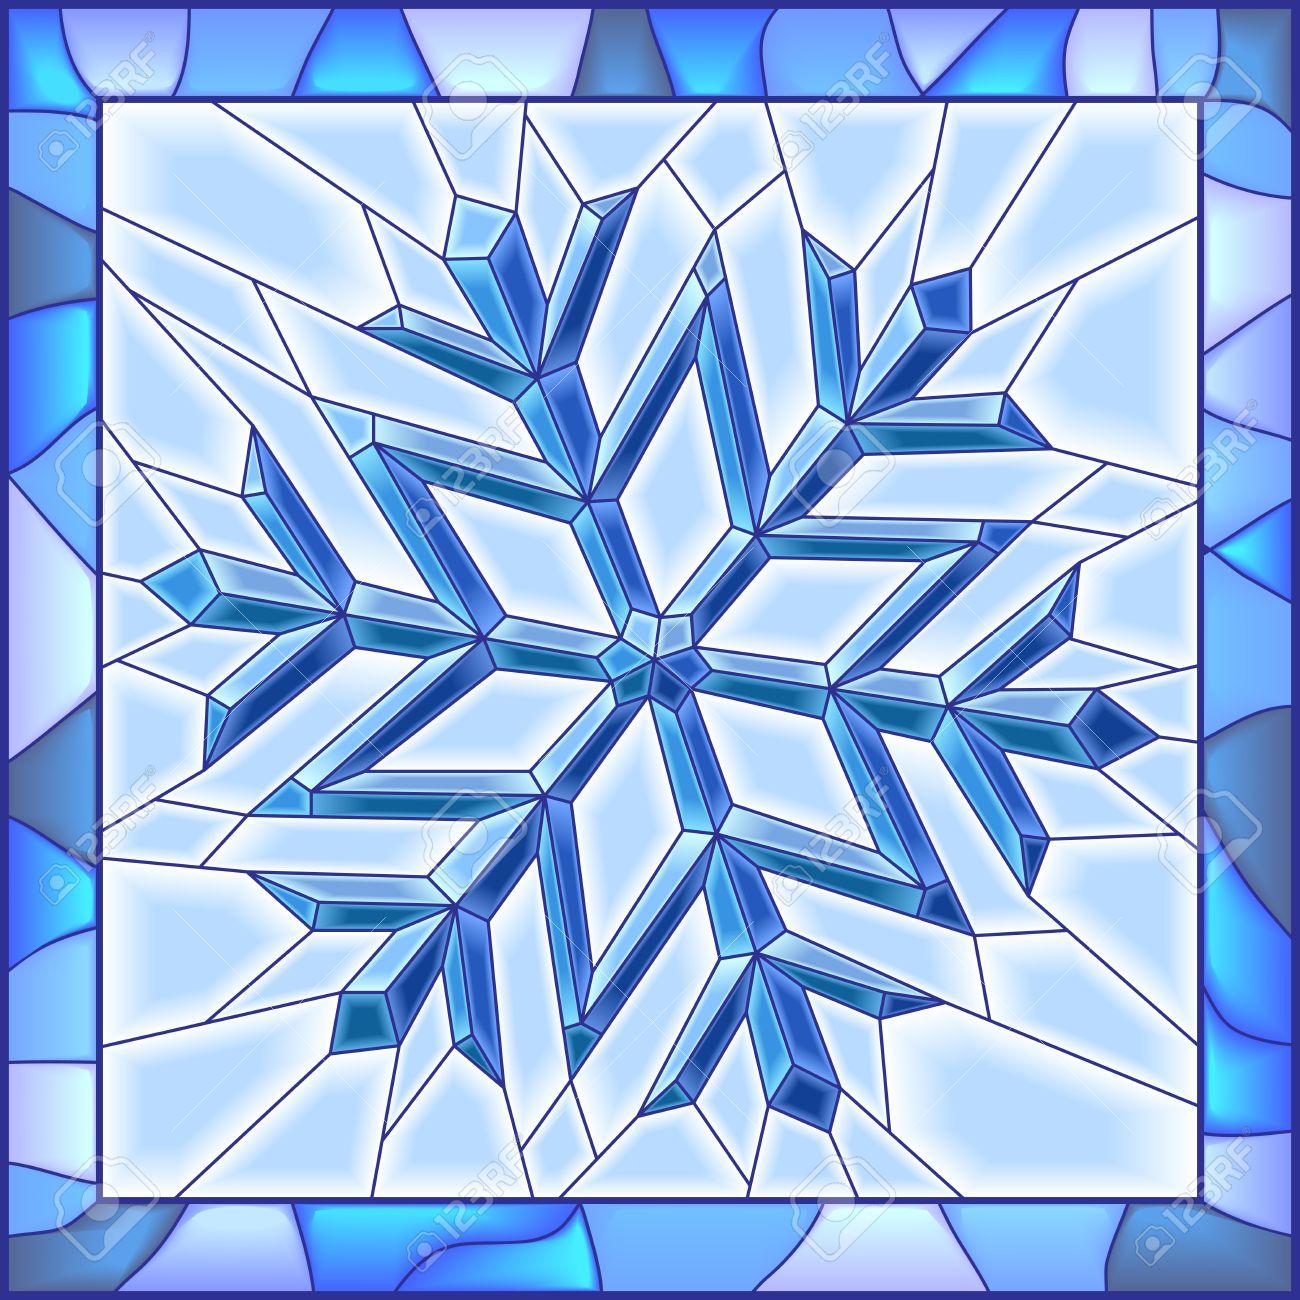 Fönster blyinfattade fönster : Vektor Illustration Av Snowflake Blyinfattade Fönster Med Ram ...